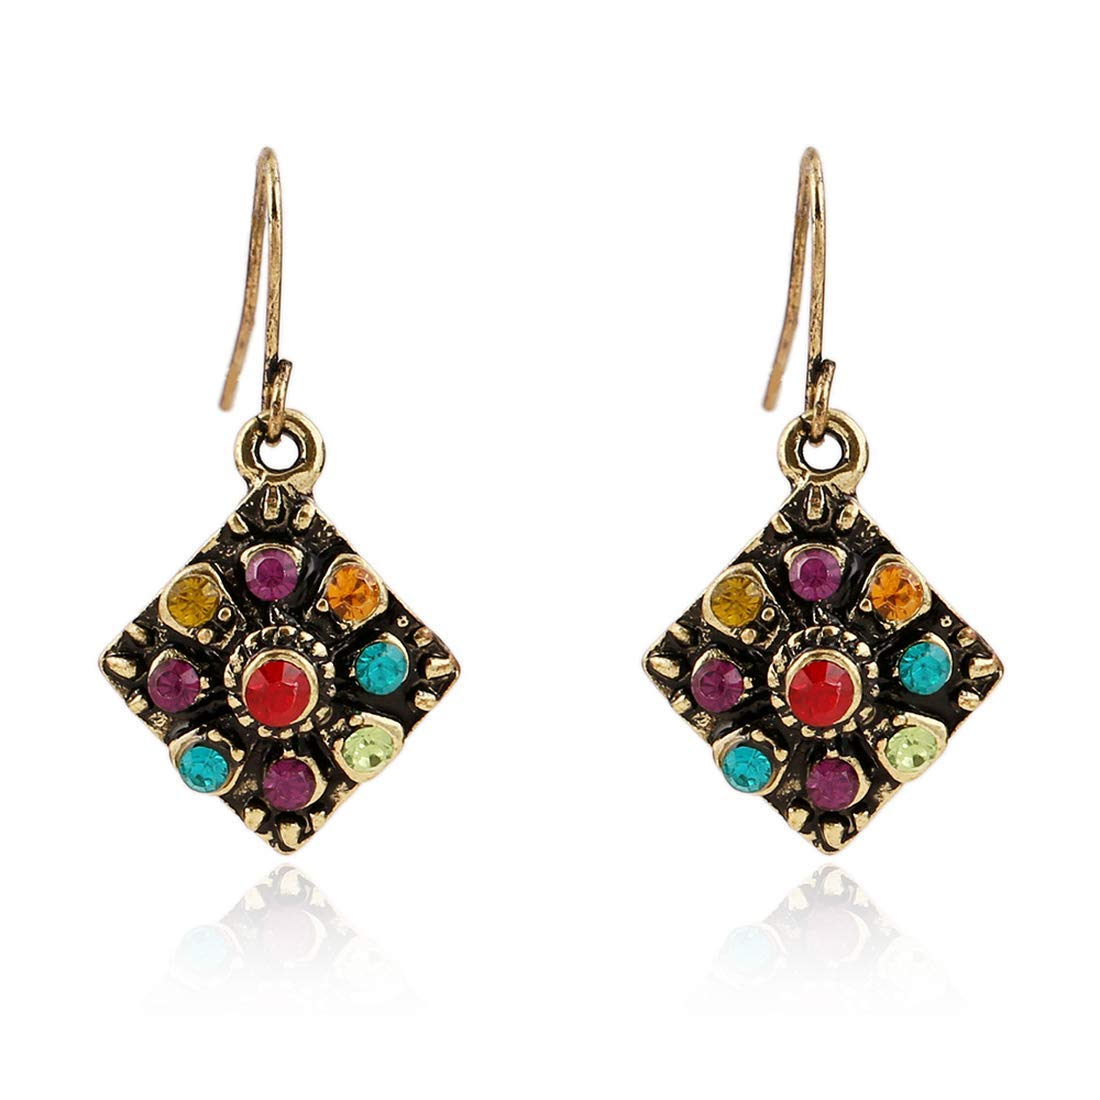 Ogquaton Style ethnique boh/ème unique r/étro diamant boucles doreilles style des femmes pratique et pratique